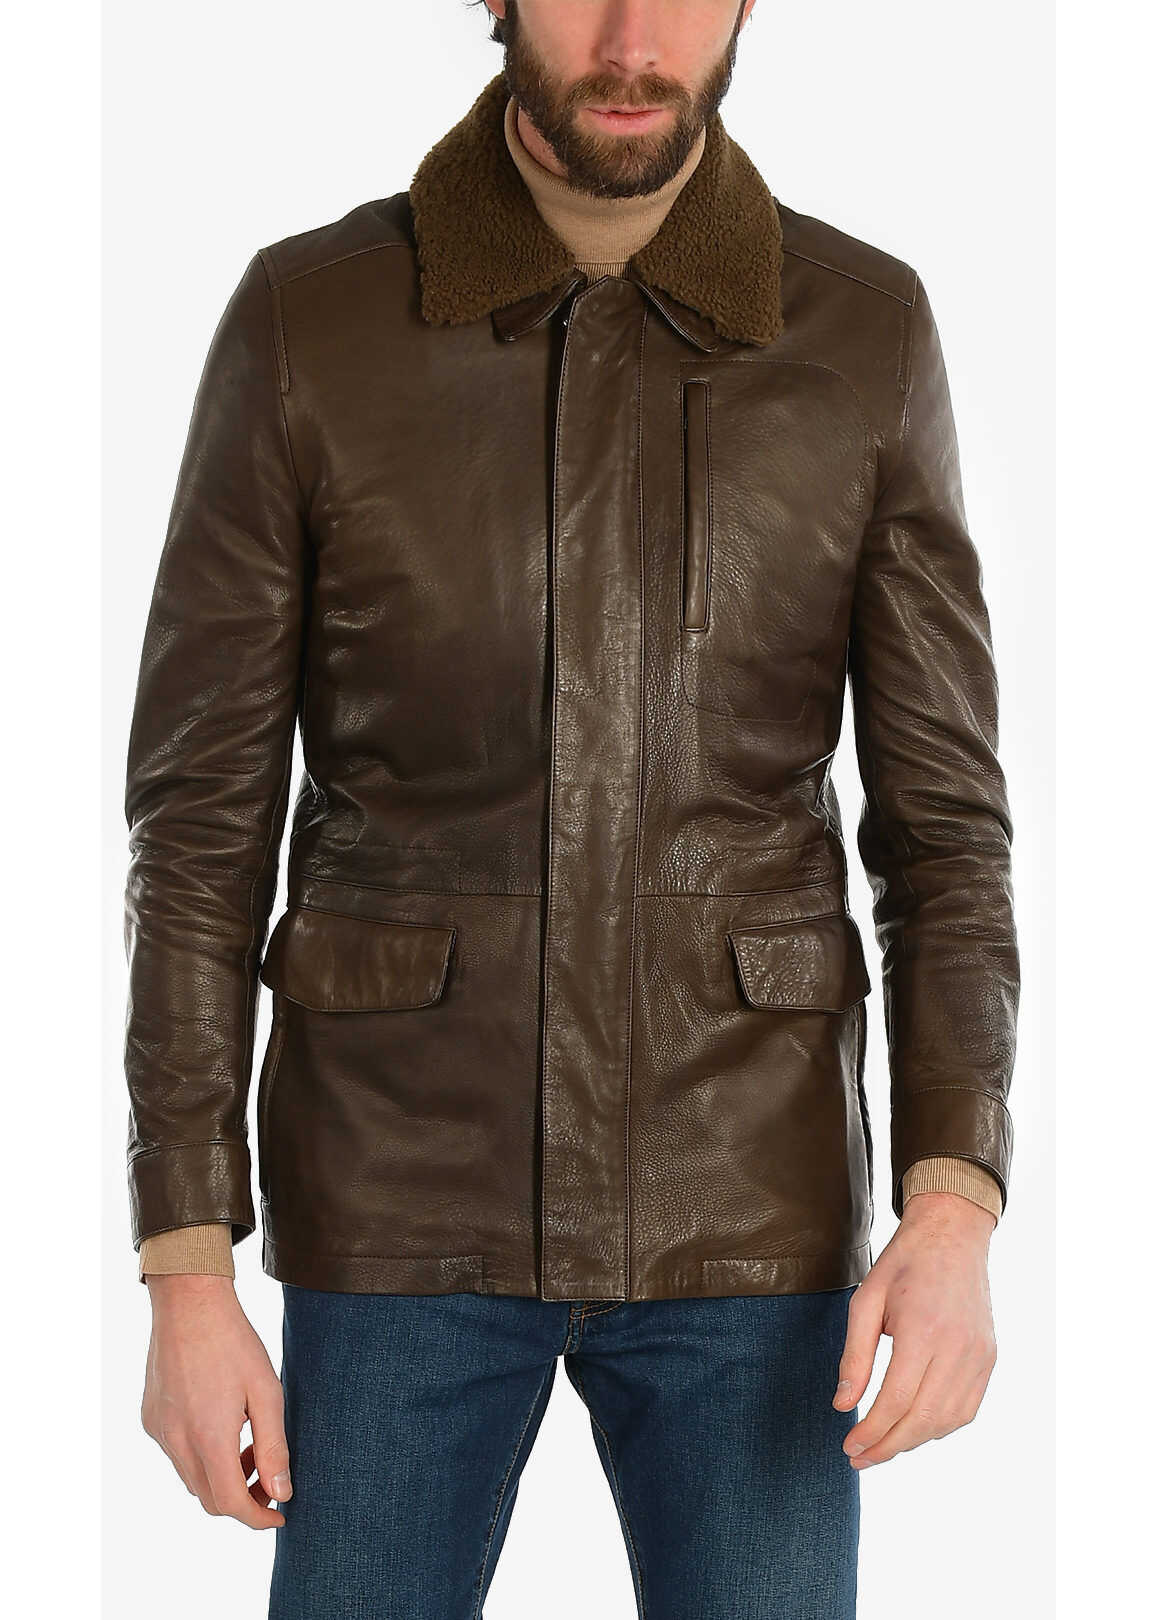 CORNELIANI ID PLJMAN leather flight jacket BROWN imagine